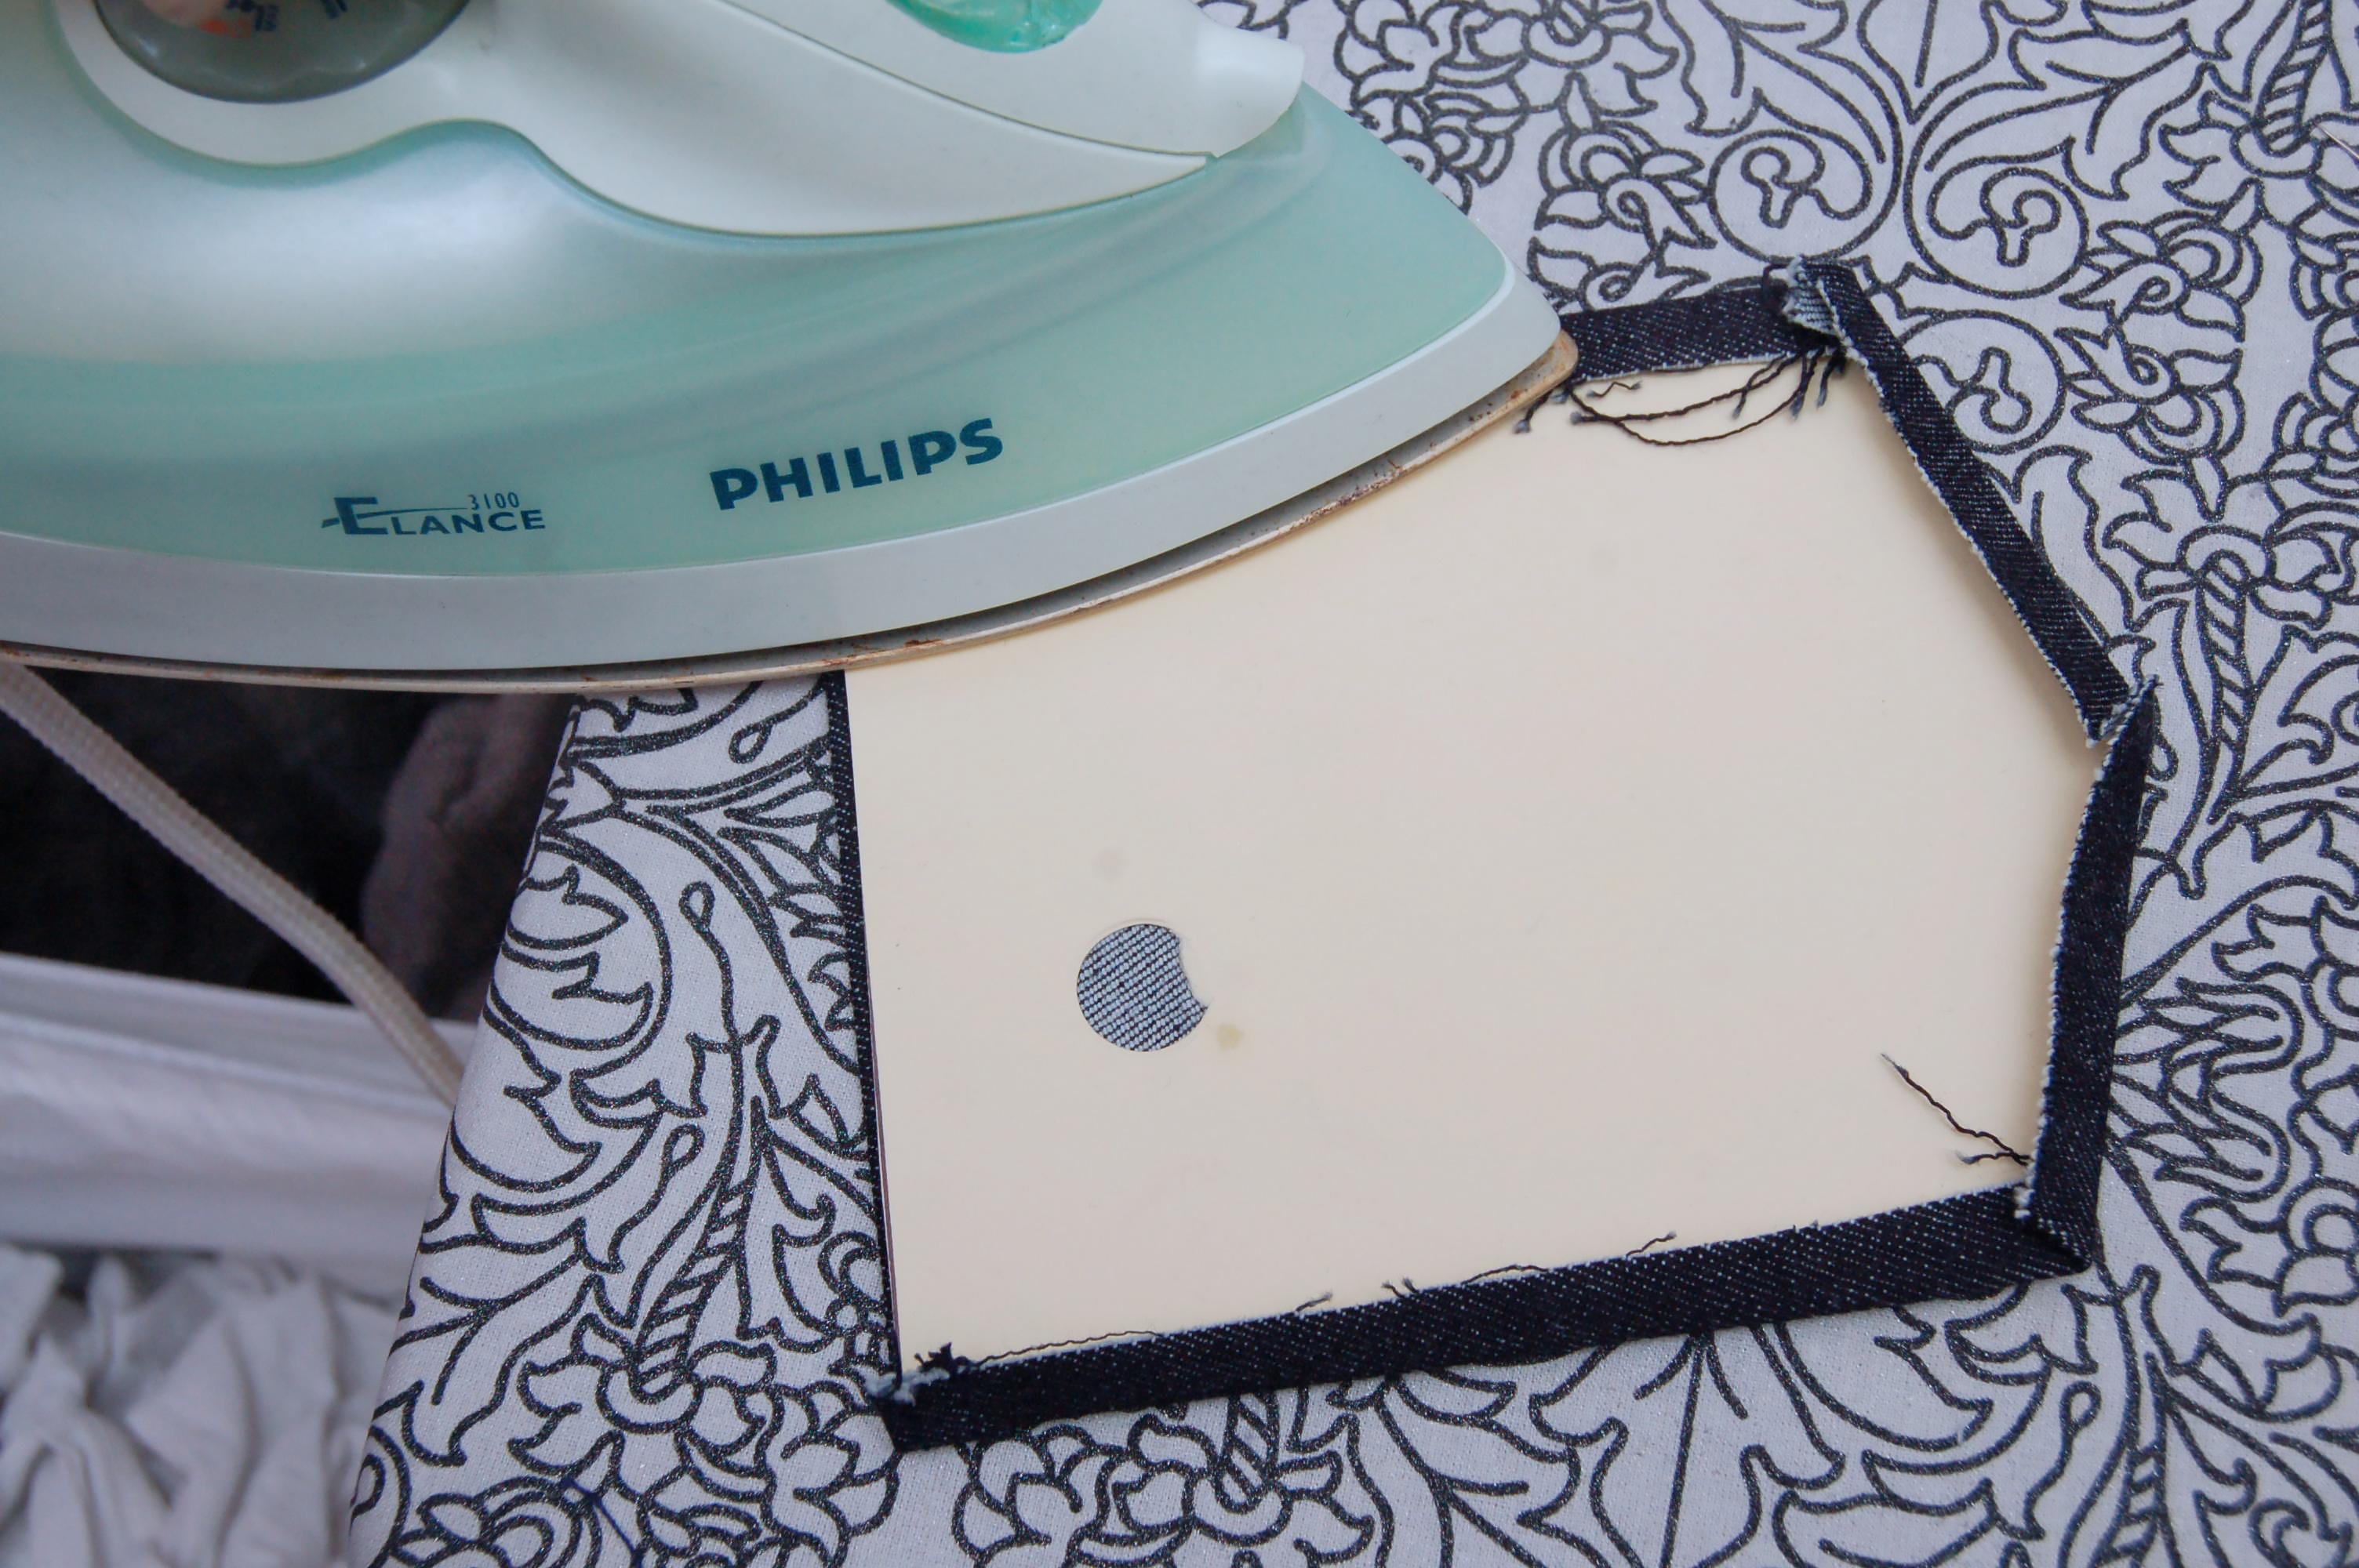 How to make back pockets on jeans like a pro